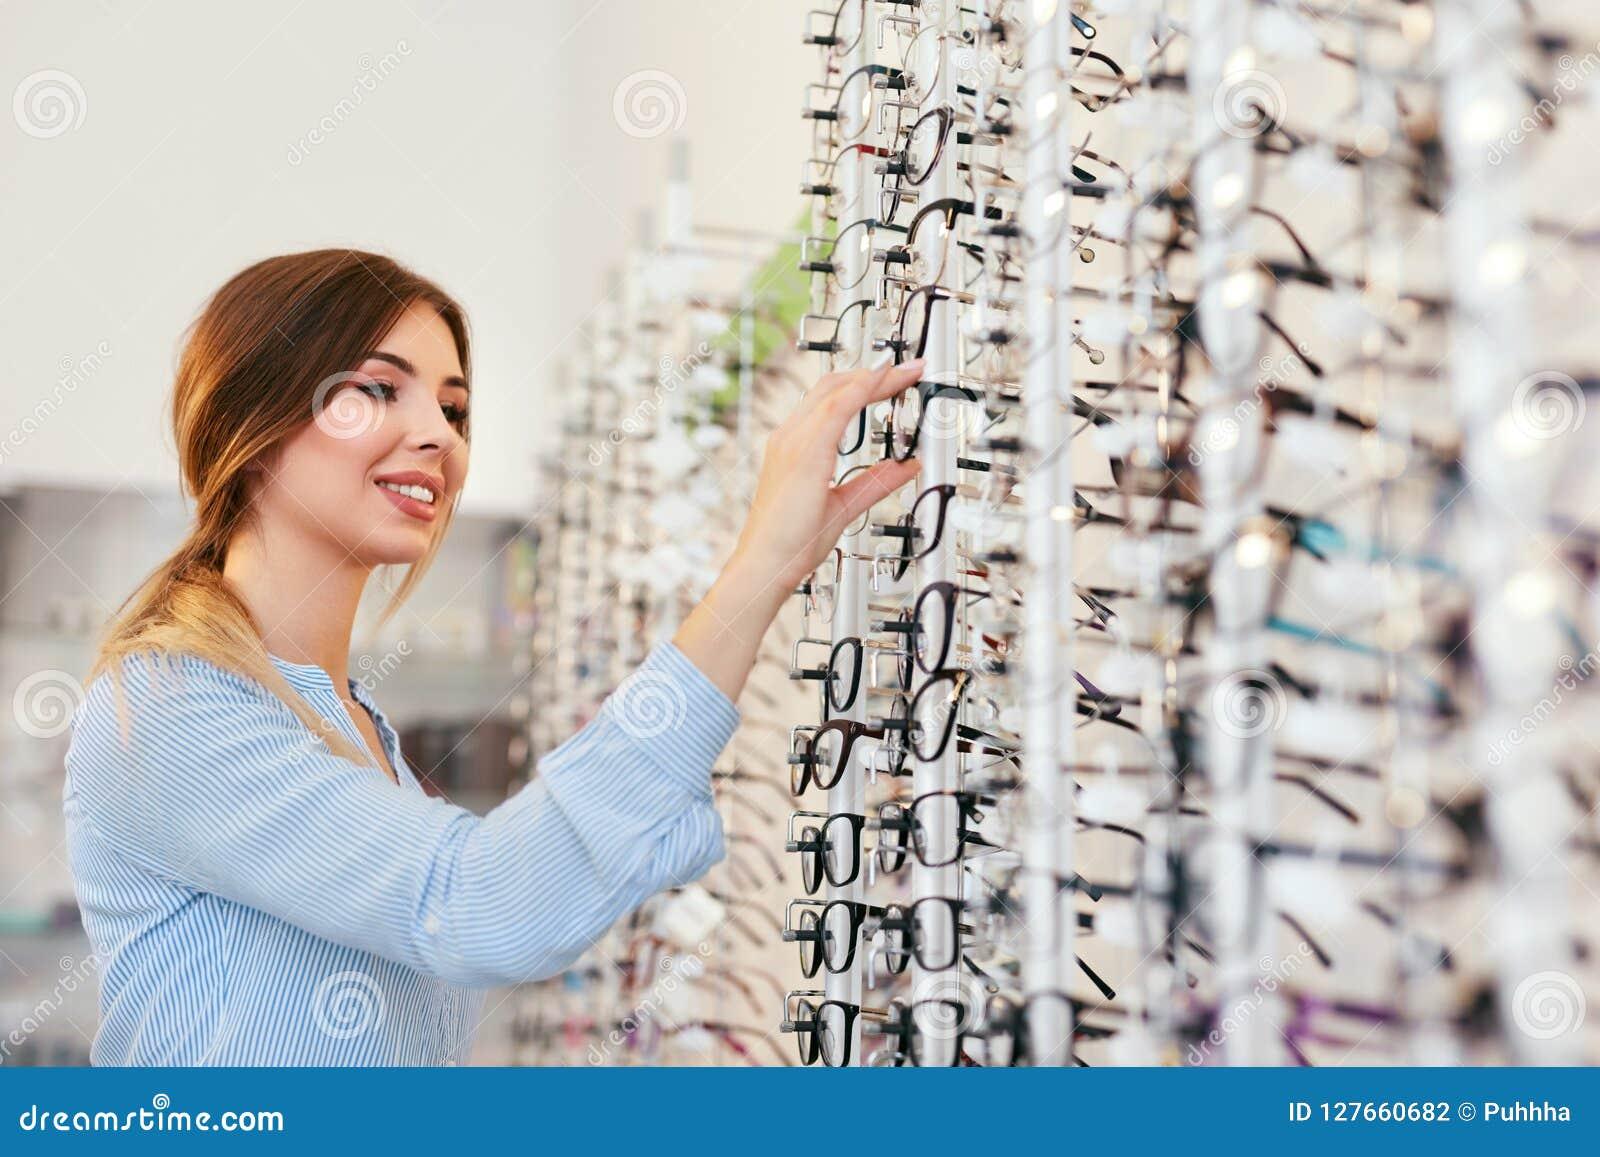 光学界面 在寻找镜片的陈列室附近的妇女